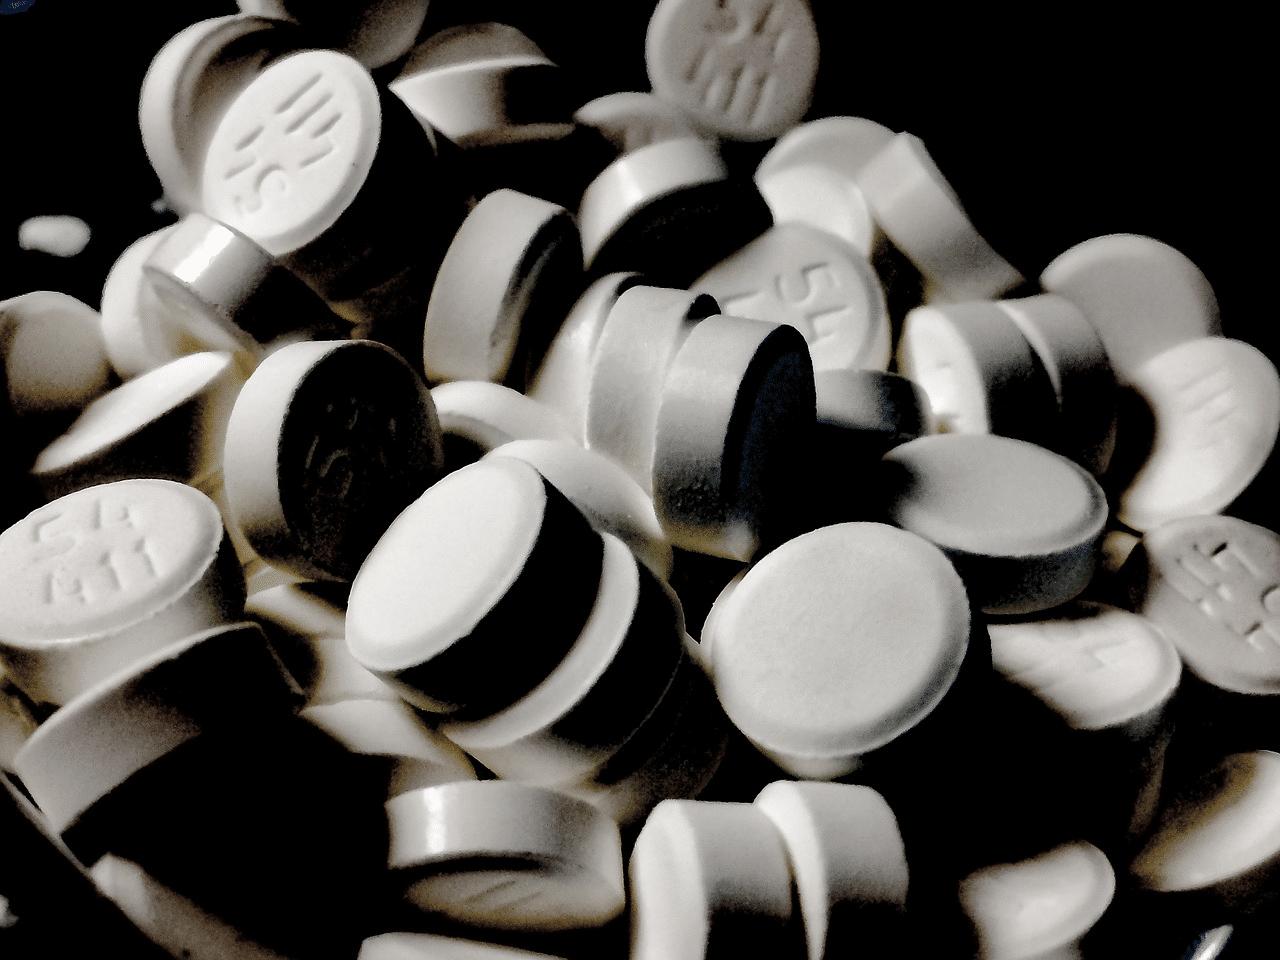 Bele tablete diazepama.